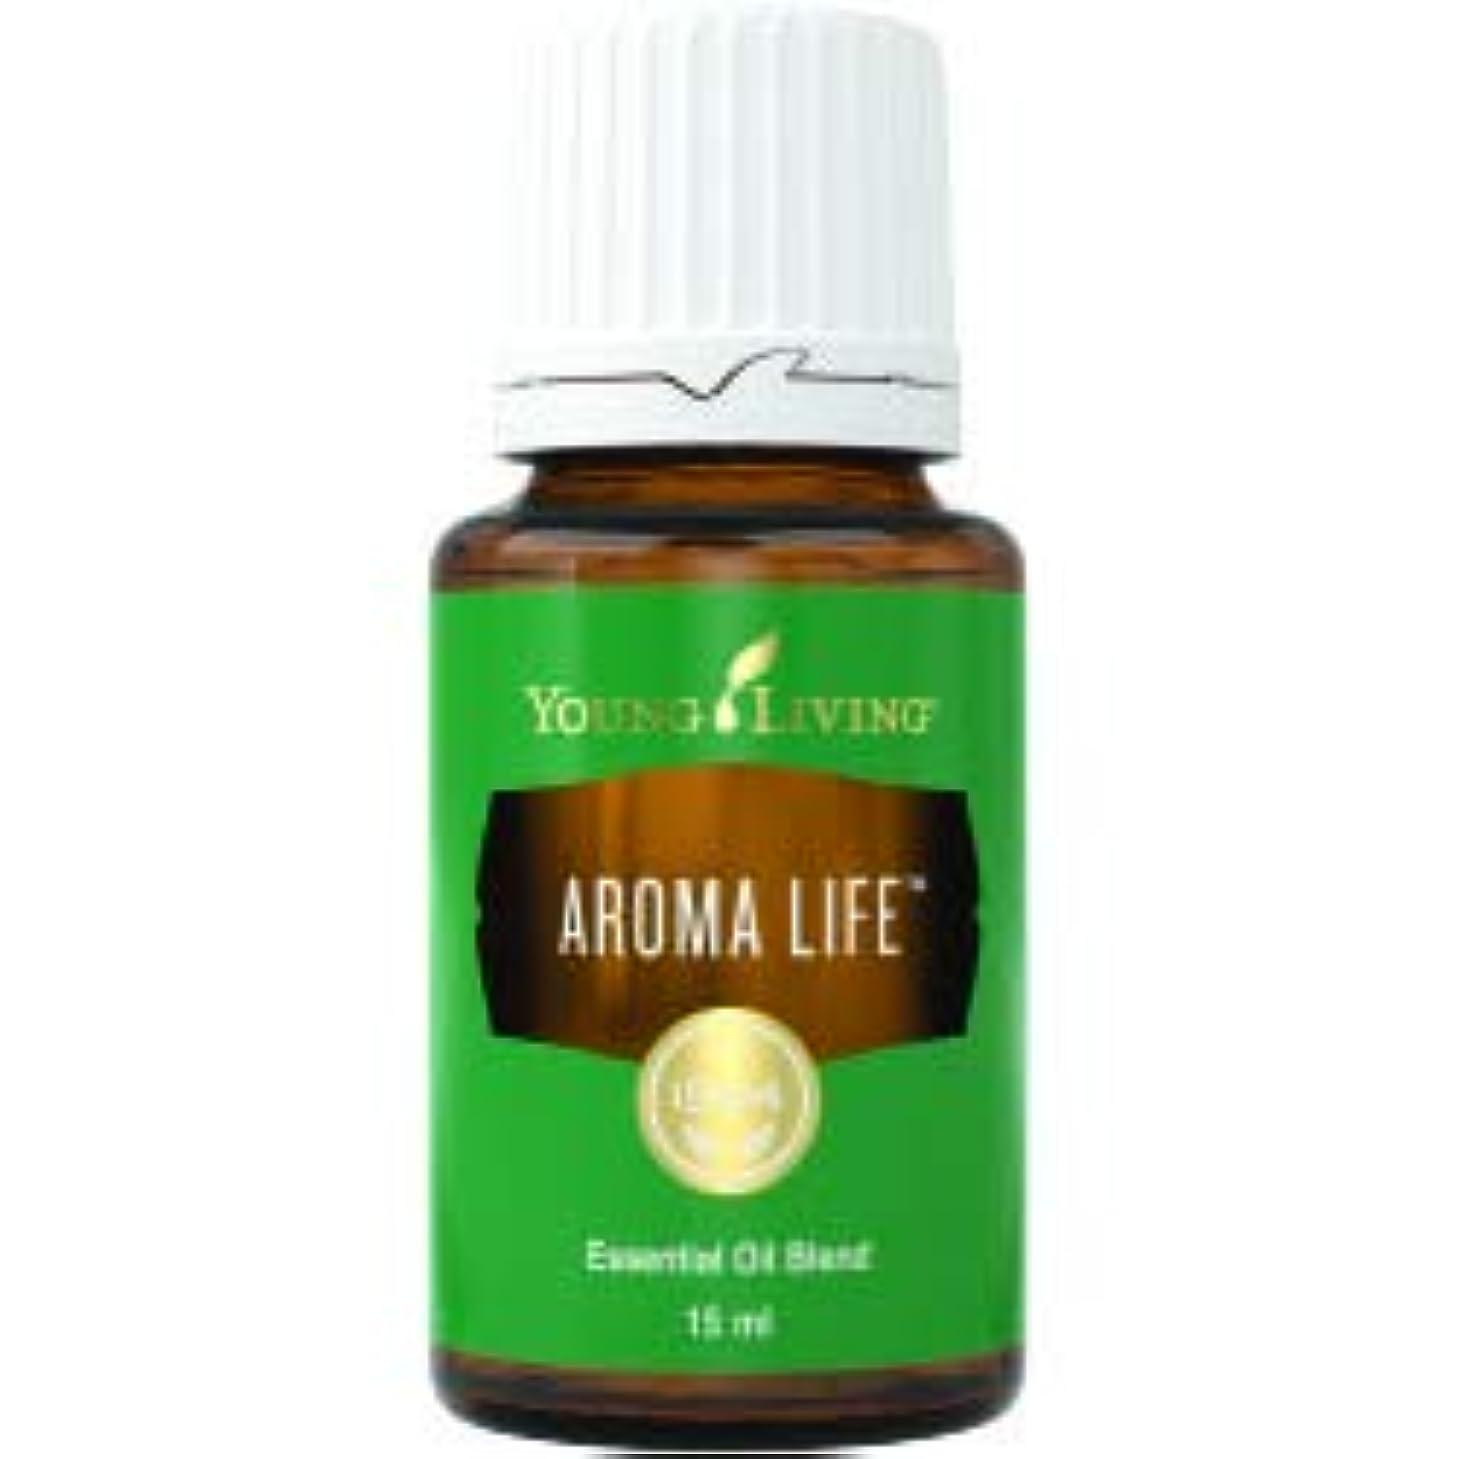 シネマと割り込みアロマライフ™は、イランイランの調和効果と既知の大手サイプレス、ヘリクリサム、マジョラムを組み合わせたものです。オイルブレンドはあなたの生命力を活性化し、リラックスをもたらします Aroma Life Essential...